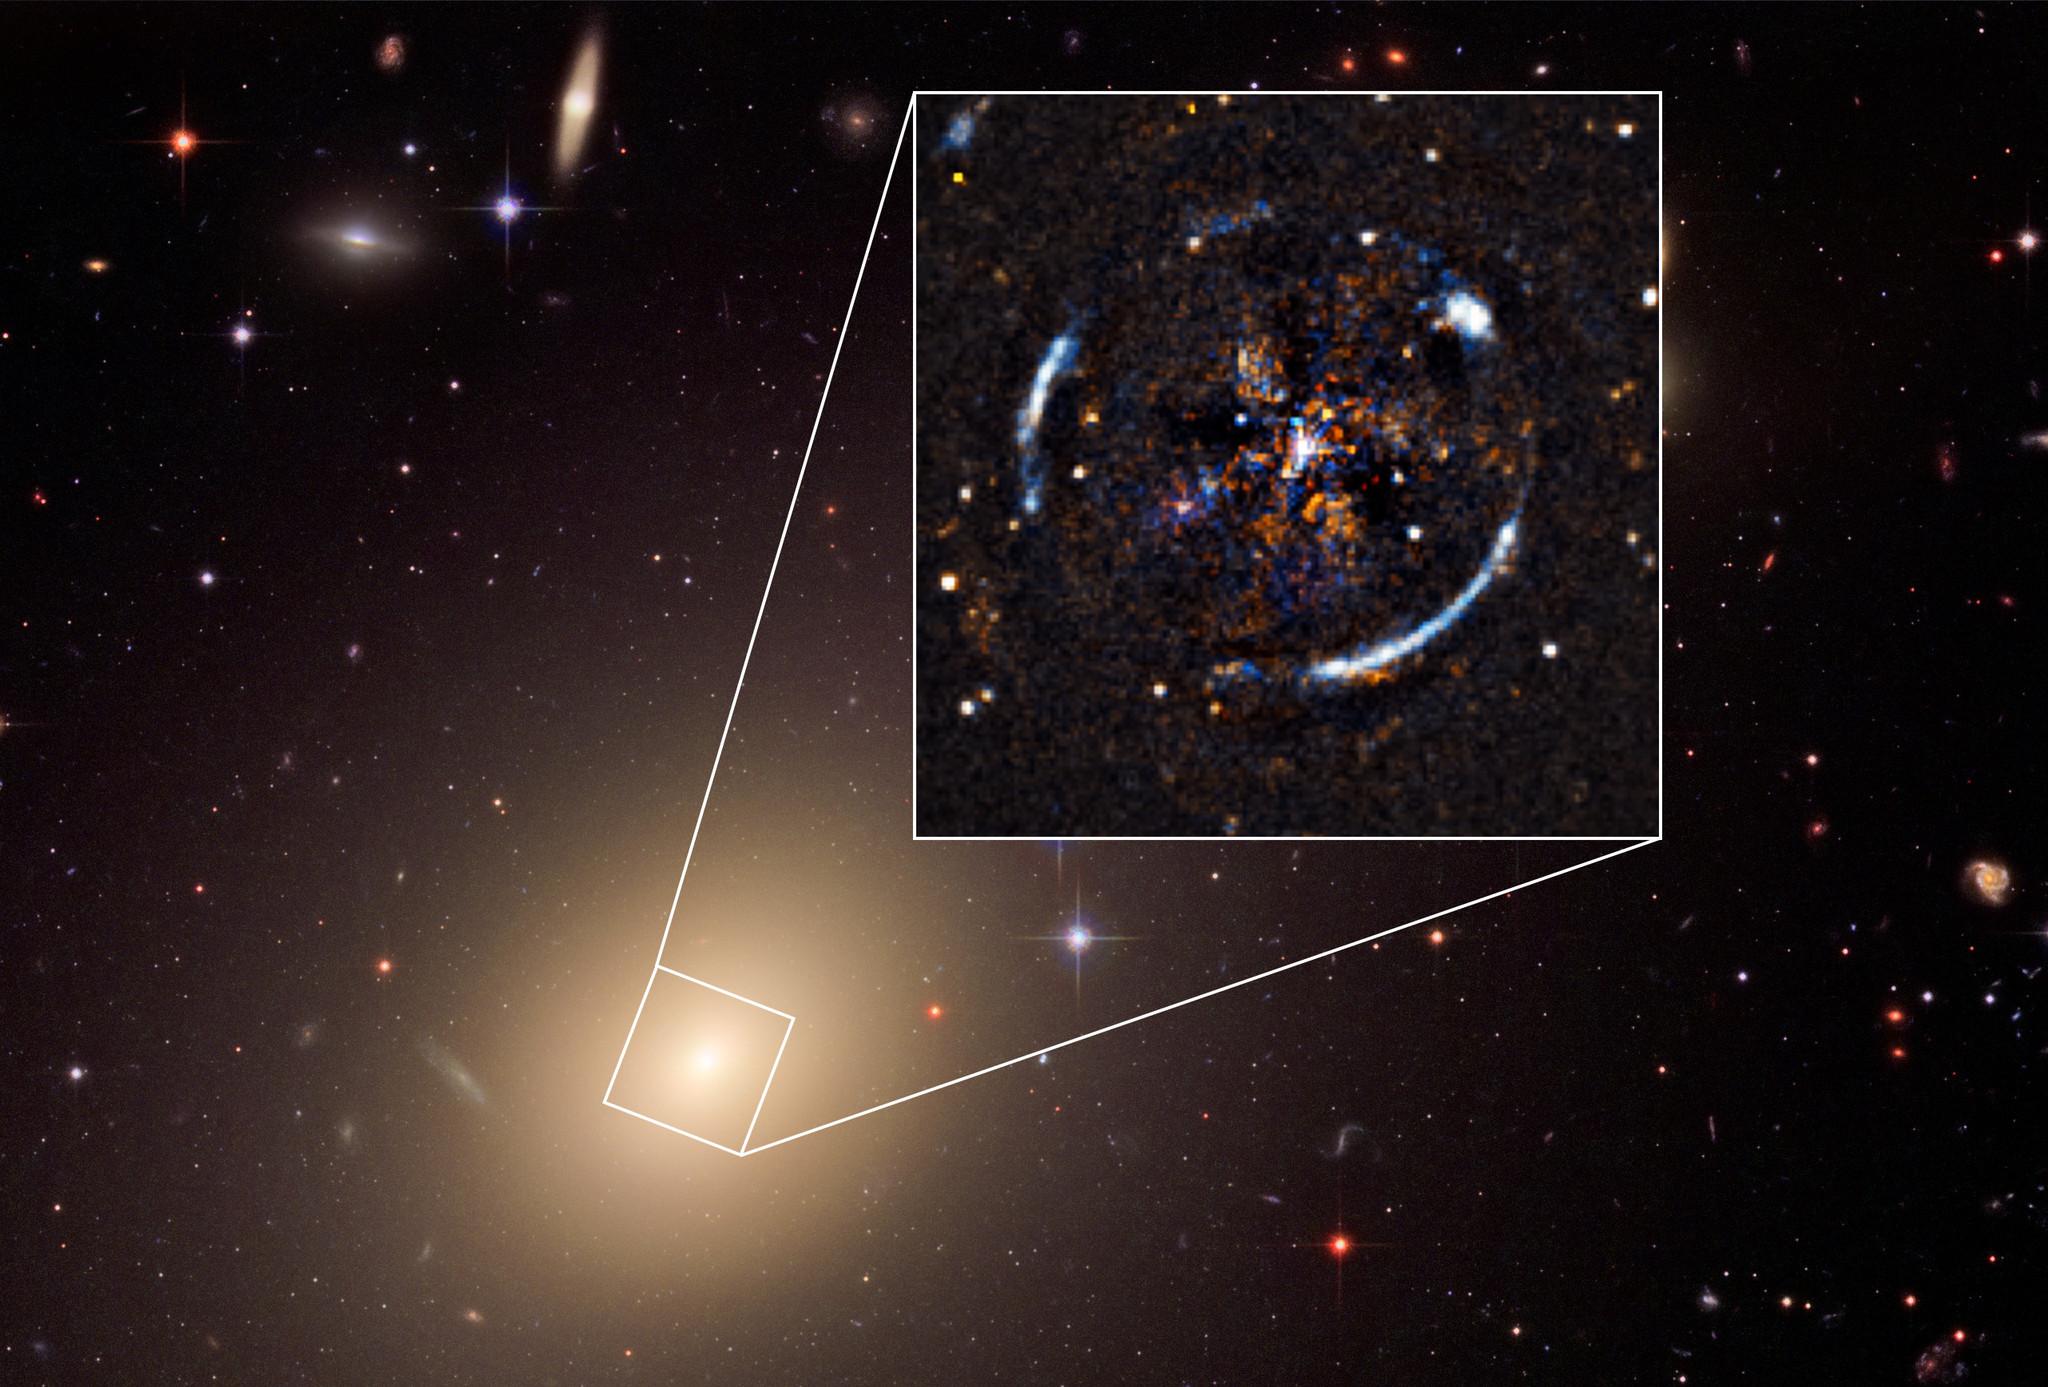 Galaxia ESO 325-G004, con el anillo de Einstein resultante de la distorsión de la luz de una galaxia lejana.